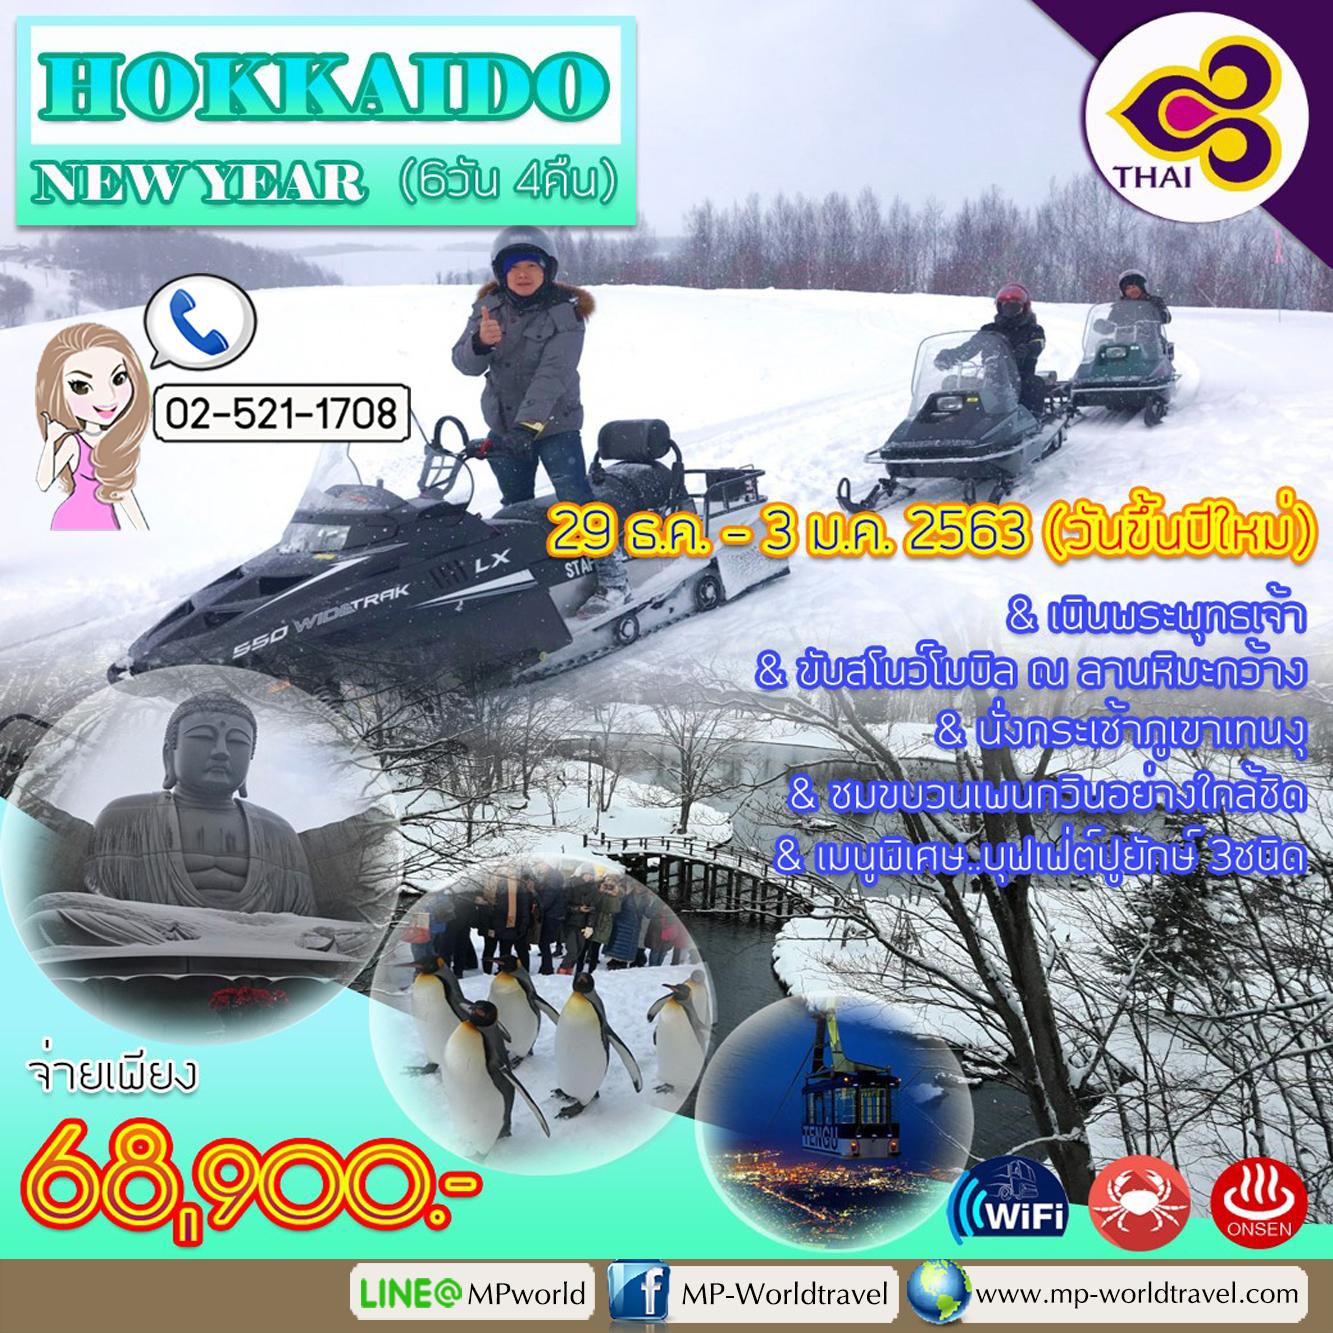 HOKKAIDO NEW YEAR 6D 4N TG